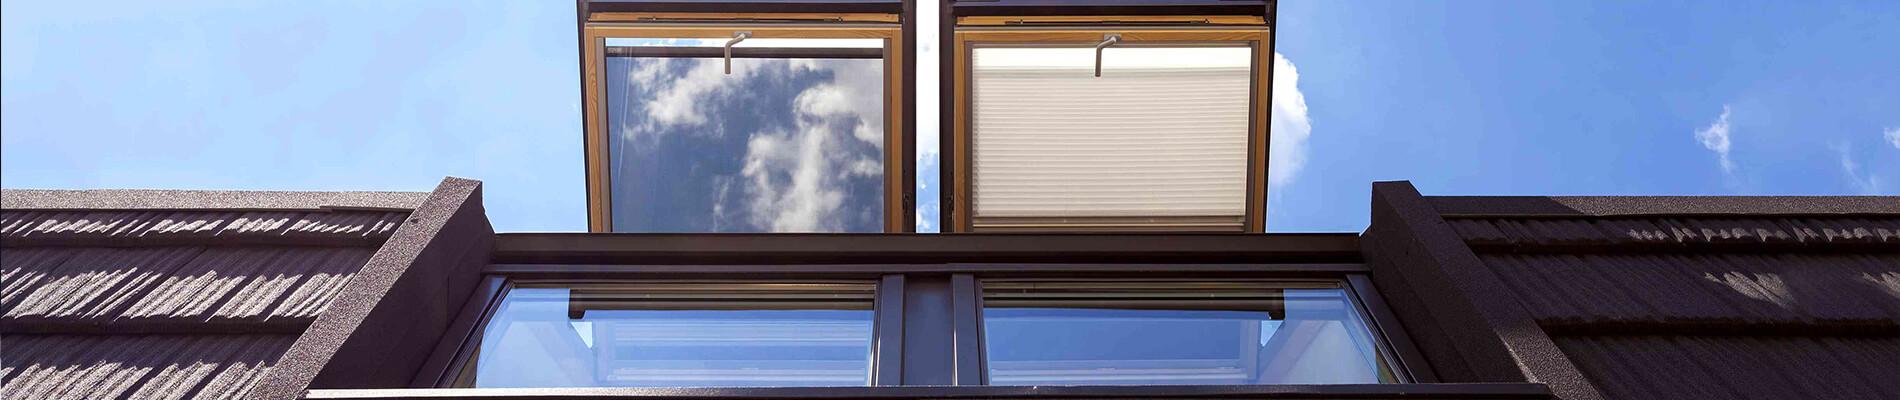 couvreur fen tres de toit installateur r novation montpellier h rault 34. Black Bedroom Furniture Sets. Home Design Ideas